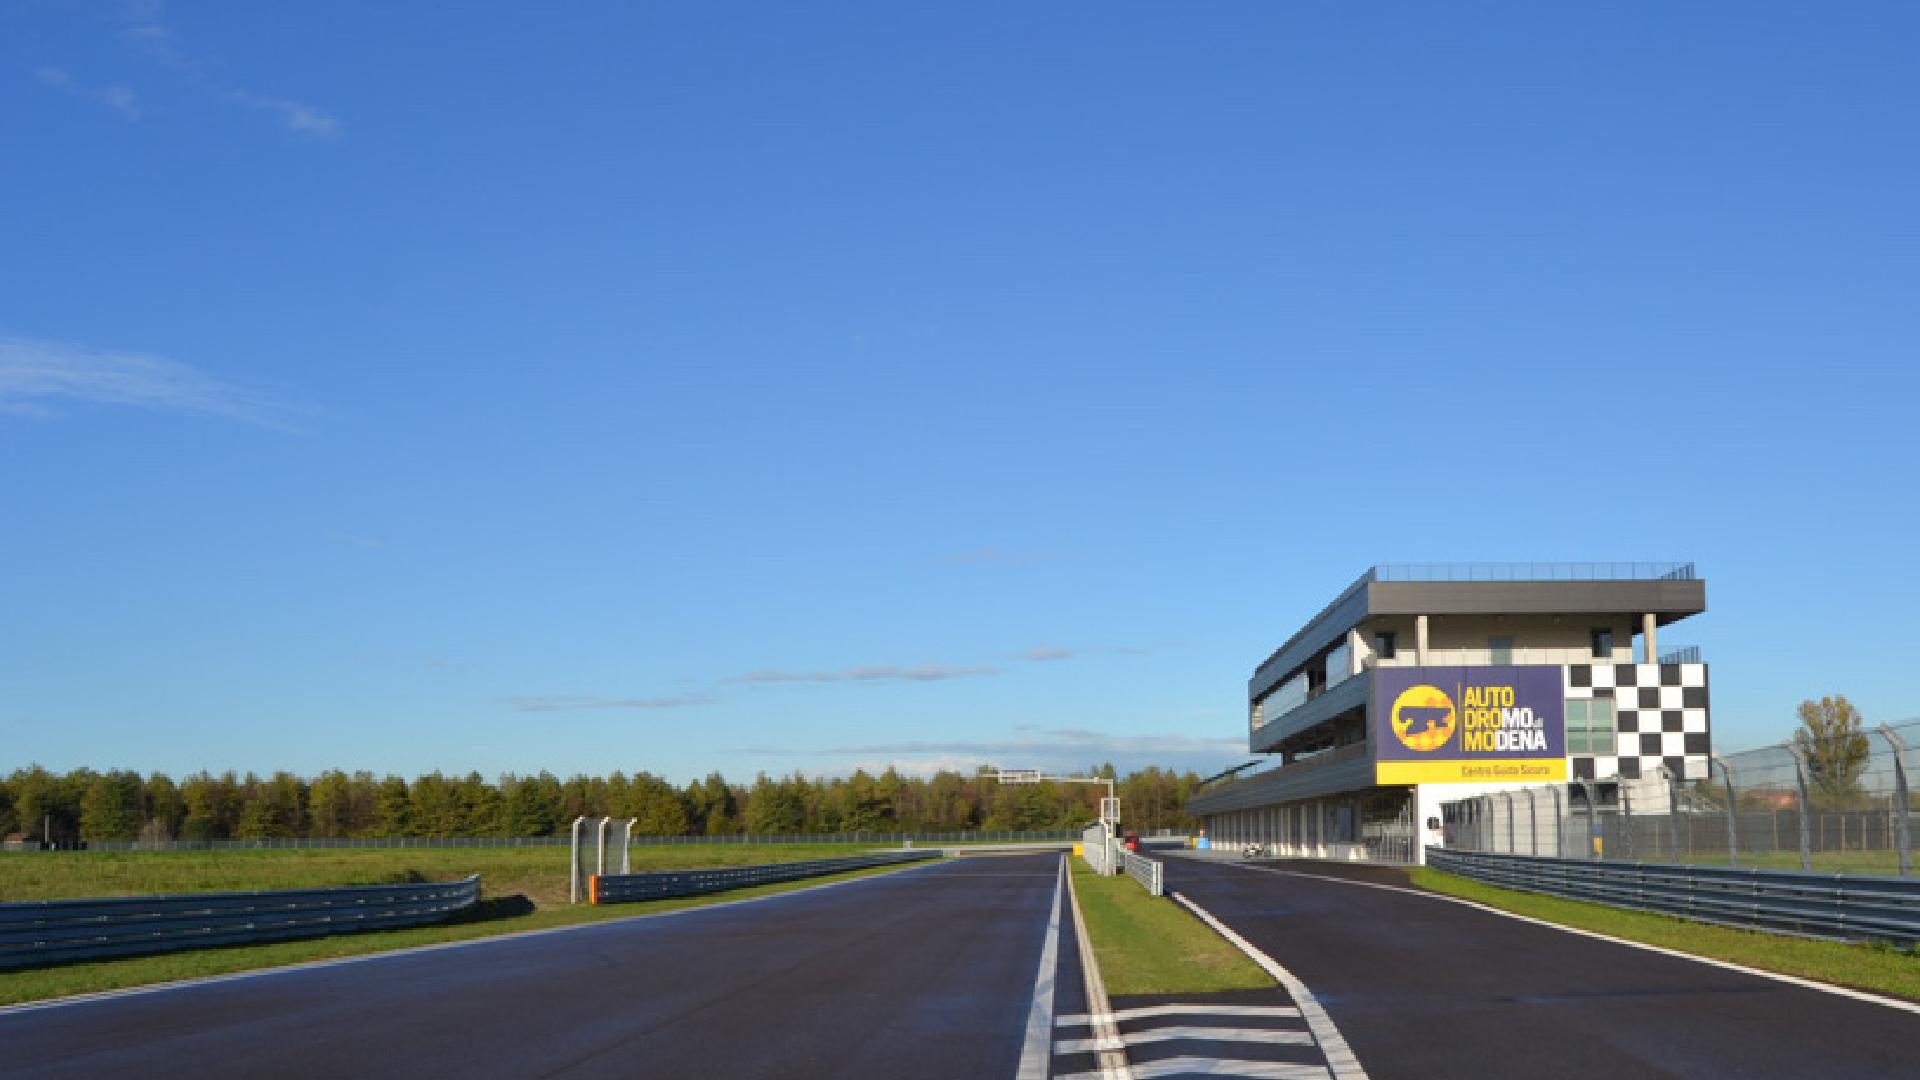 Il Sei Nazioni delle 4 ruote: l'Autodromo di Modena ospita il 6 Nations Challenge 2.0.